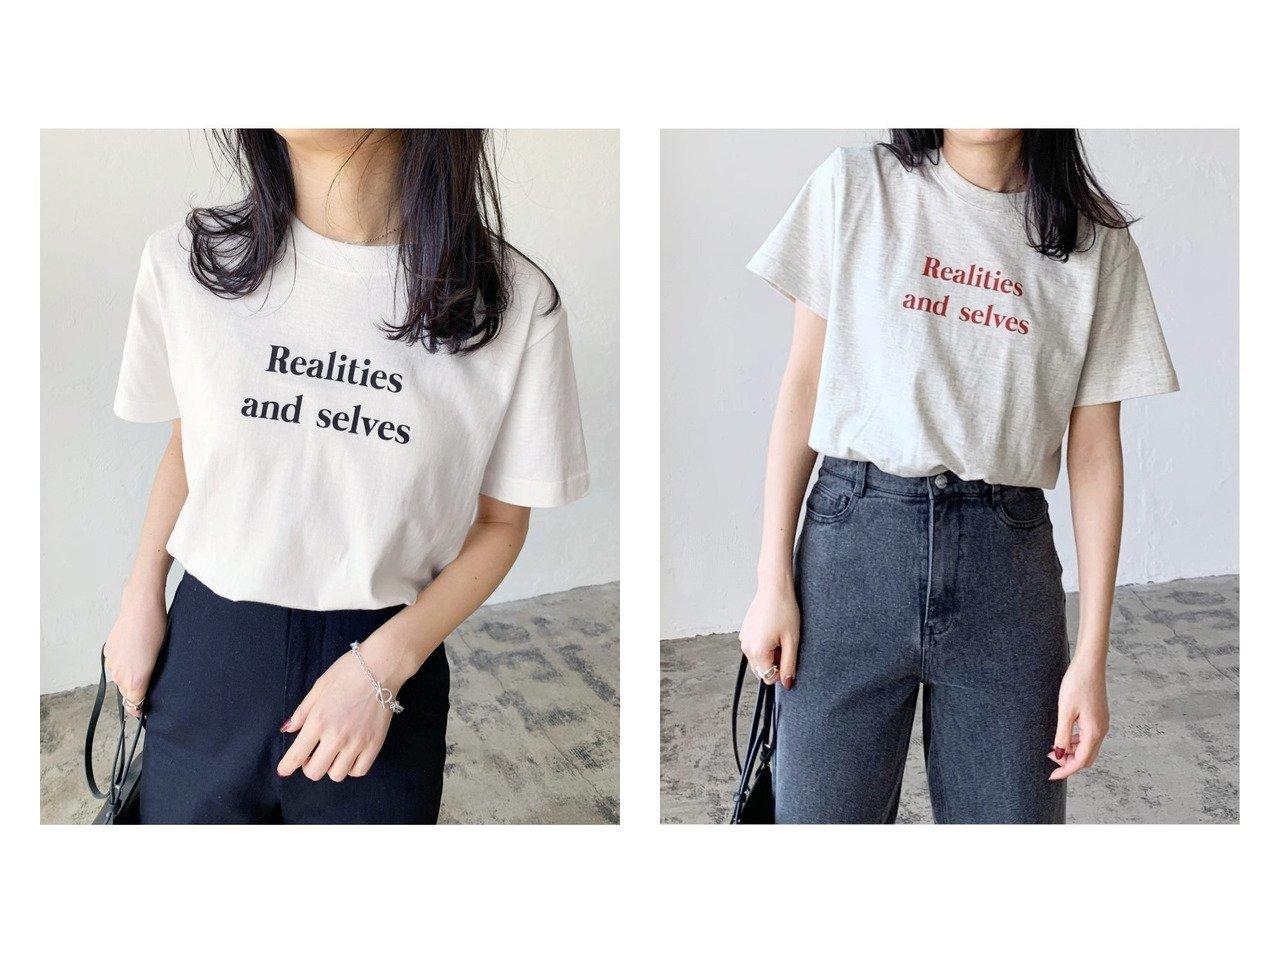 【Lian/リアン】のカラーロゴプリントコンパクトTシャツ おすすめ!人気、トレンド・レディースファッションの通販 おすすめで人気の流行・トレンド、ファッションの通販商品 インテリア・家具・メンズファッション・キッズファッション・レディースファッション・服の通販 founy(ファニー) https://founy.com/ ファッション Fashion レディースファッション WOMEN トップス・カットソー Tops/Tshirt シャツ/ブラウス Shirts/Blouses ロング / Tシャツ T-Shirts カットソー Cut and Sewn インナー カットソー グラフィック コンパクト タンブラー デニム フィット フロント プリント ボトム ポケット 羽織 おすすめ Recommend |ID:crp329100000061962